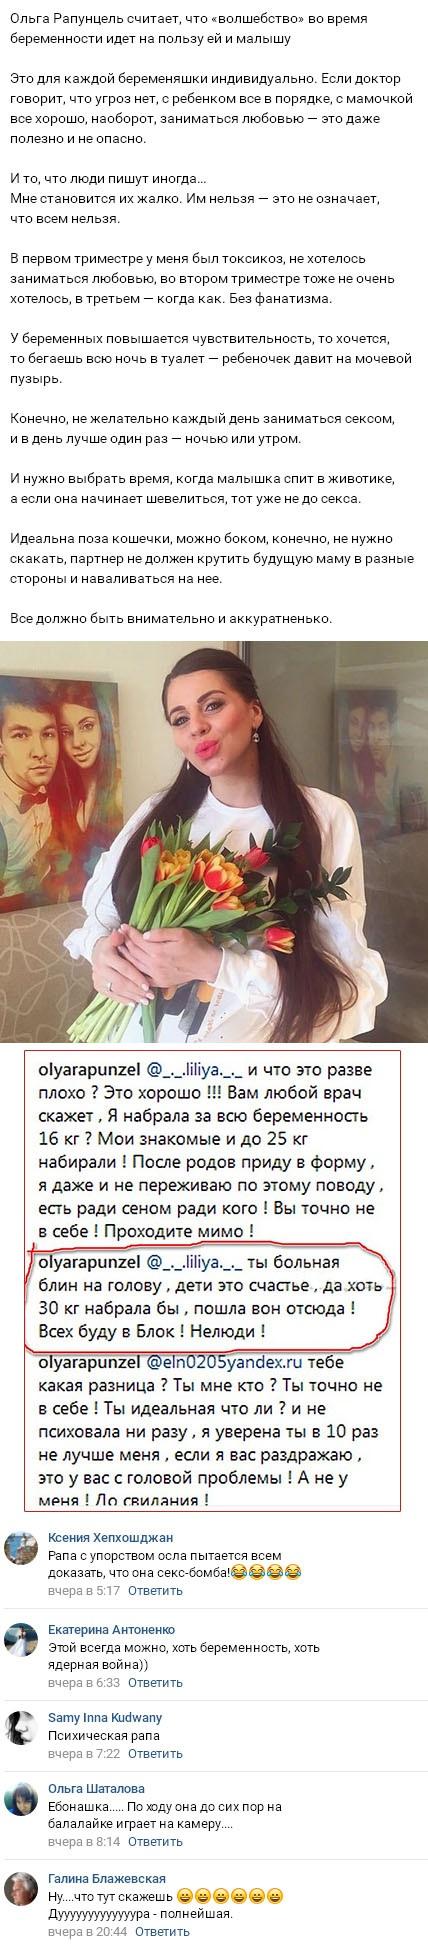 Ольга Рапунцель шокировала подписчиков откровениями о сексе